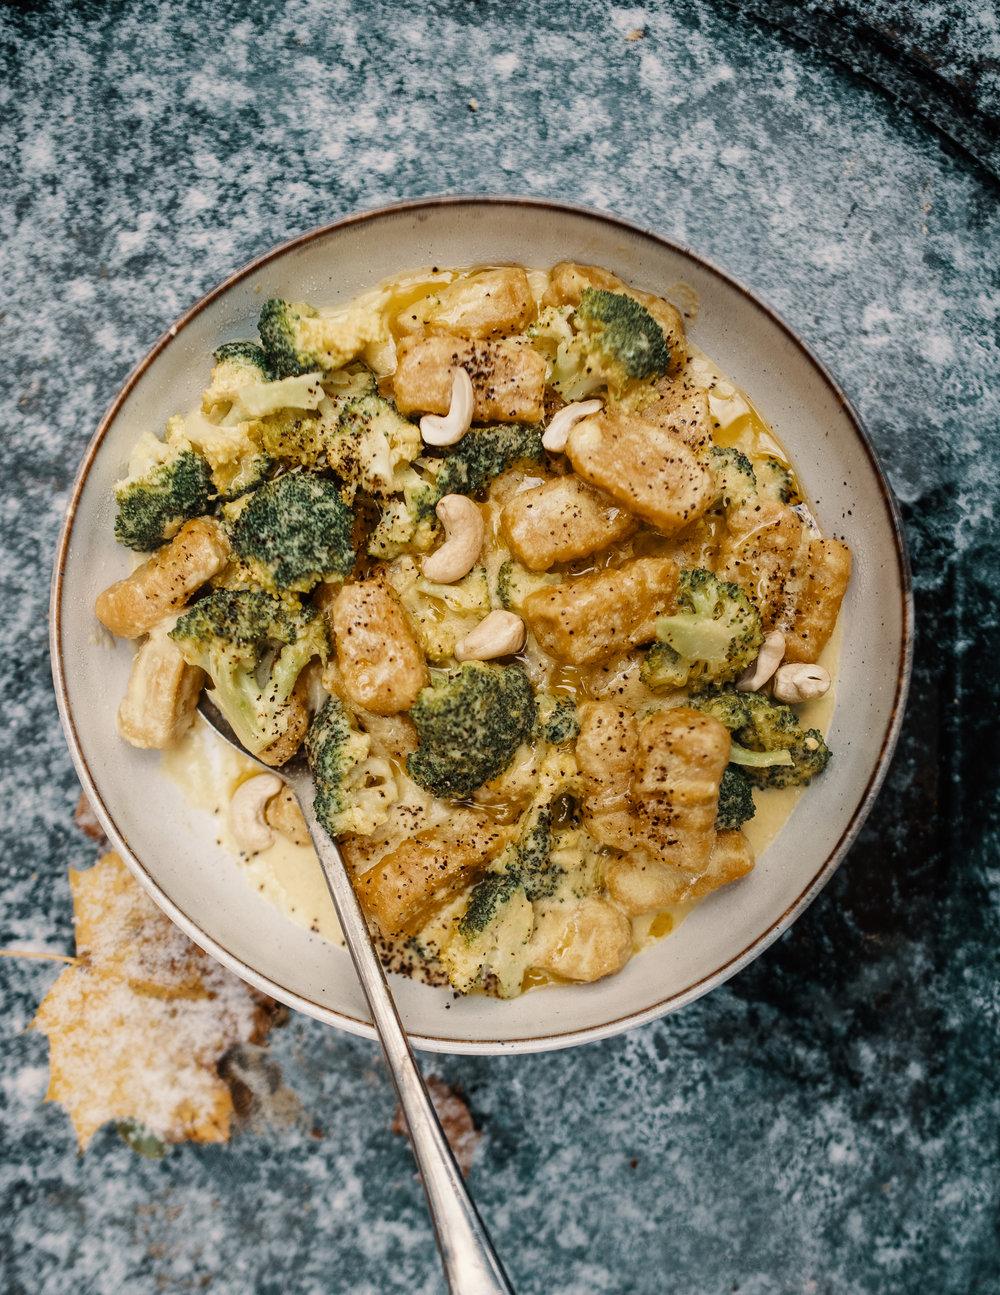 Butternut Squash Gnocchi - in a Cashew Cream & Broccoli sauce.